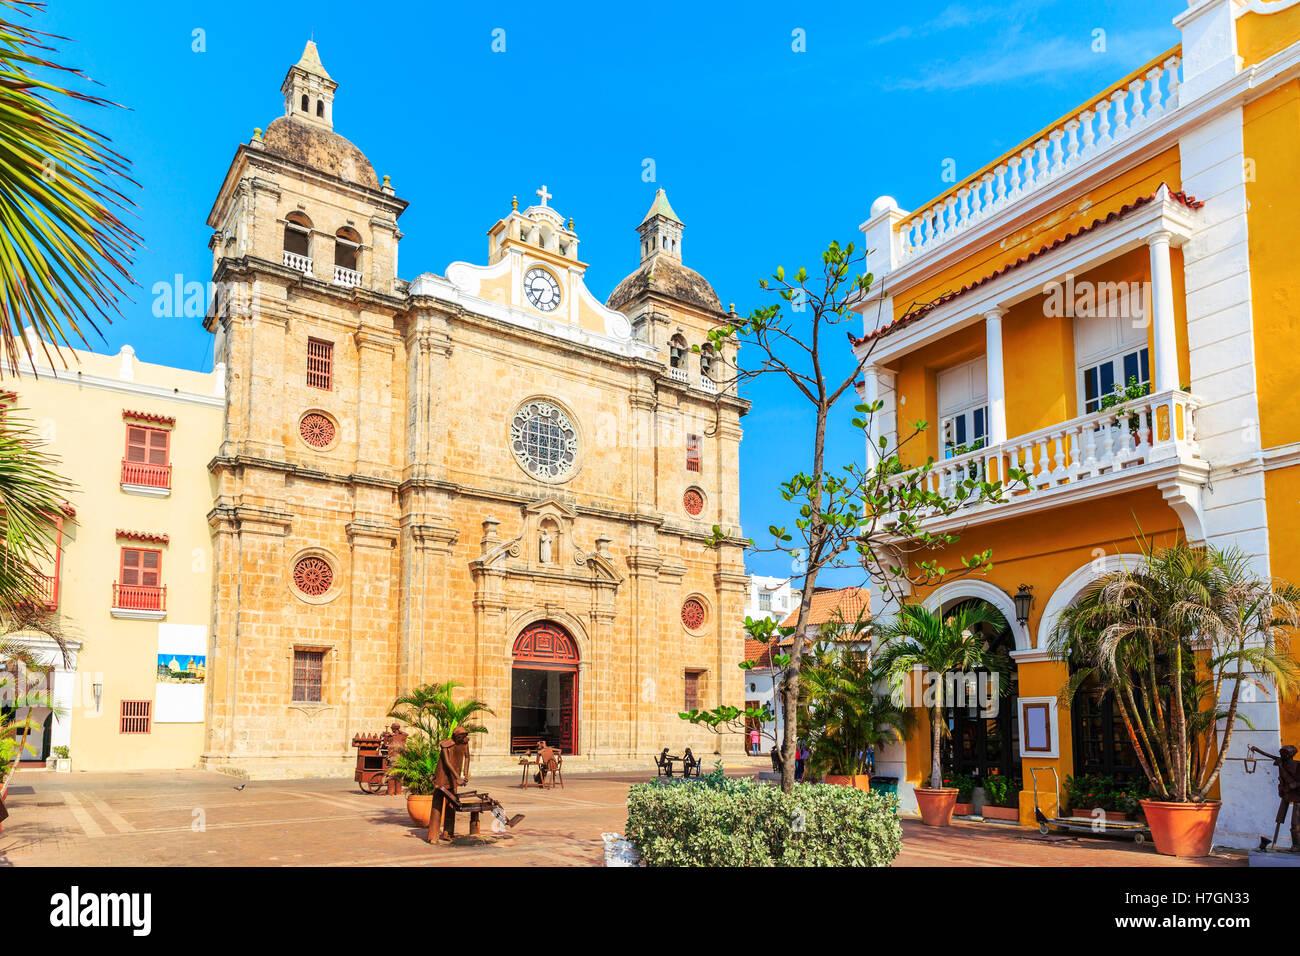 Iglesia de San Pedro Claver en Cartagena de Indias, Colombia Imagen De Stock